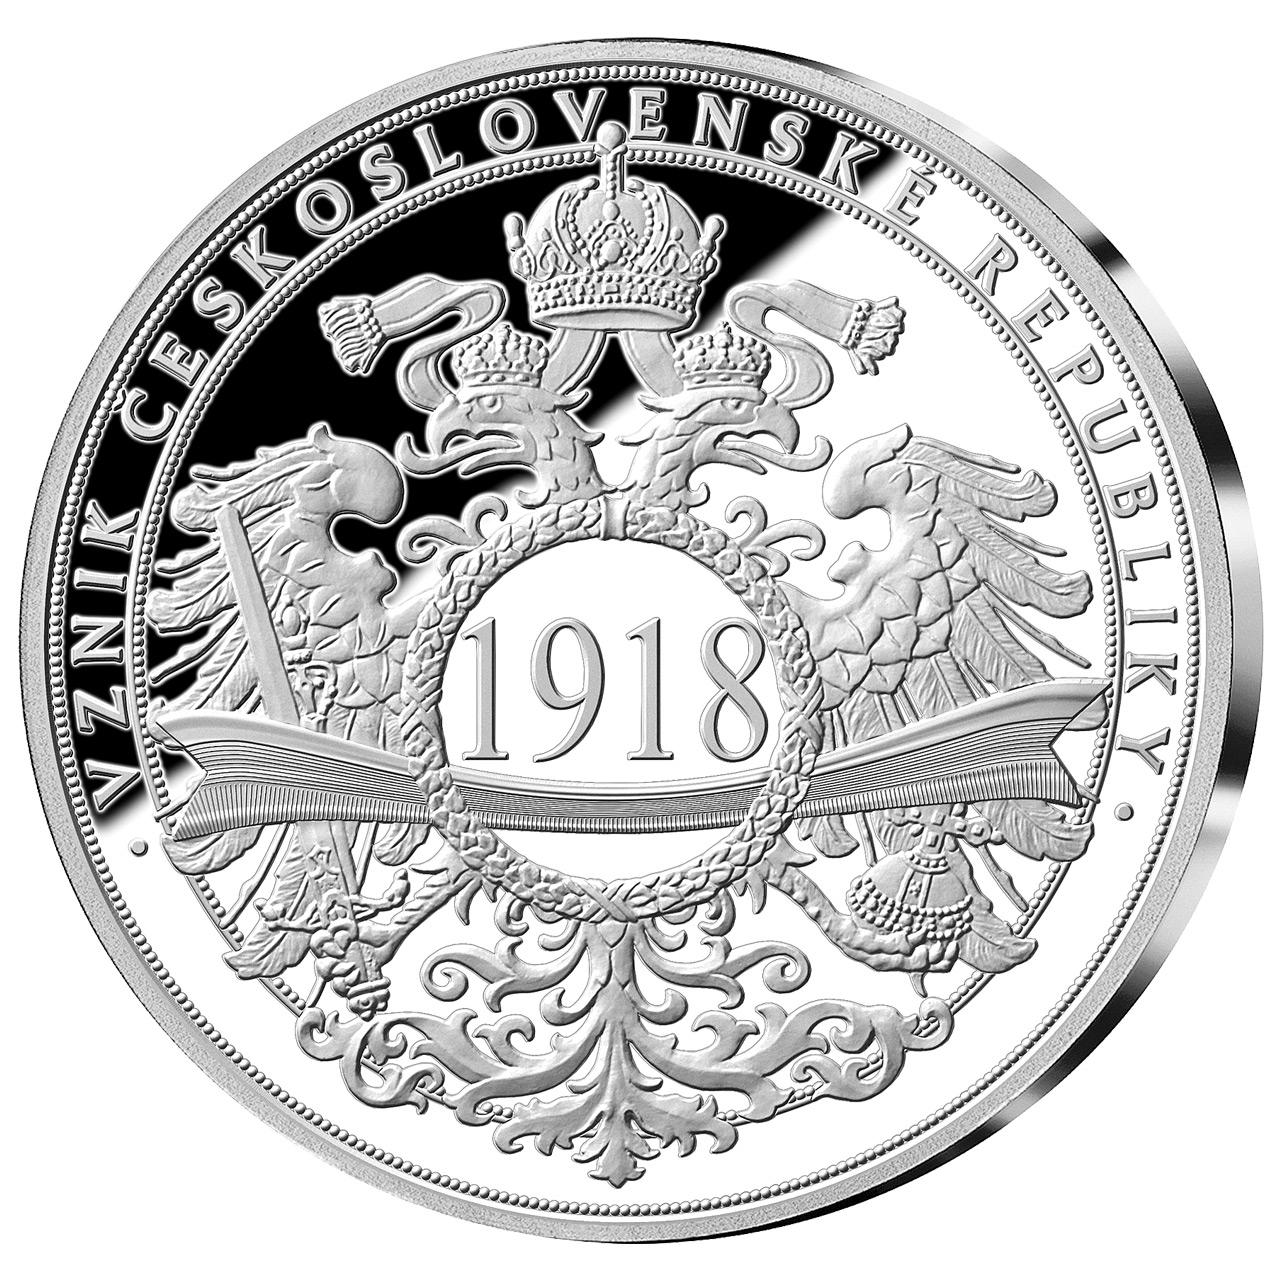 Pamětní medaile Vznik československé republiky